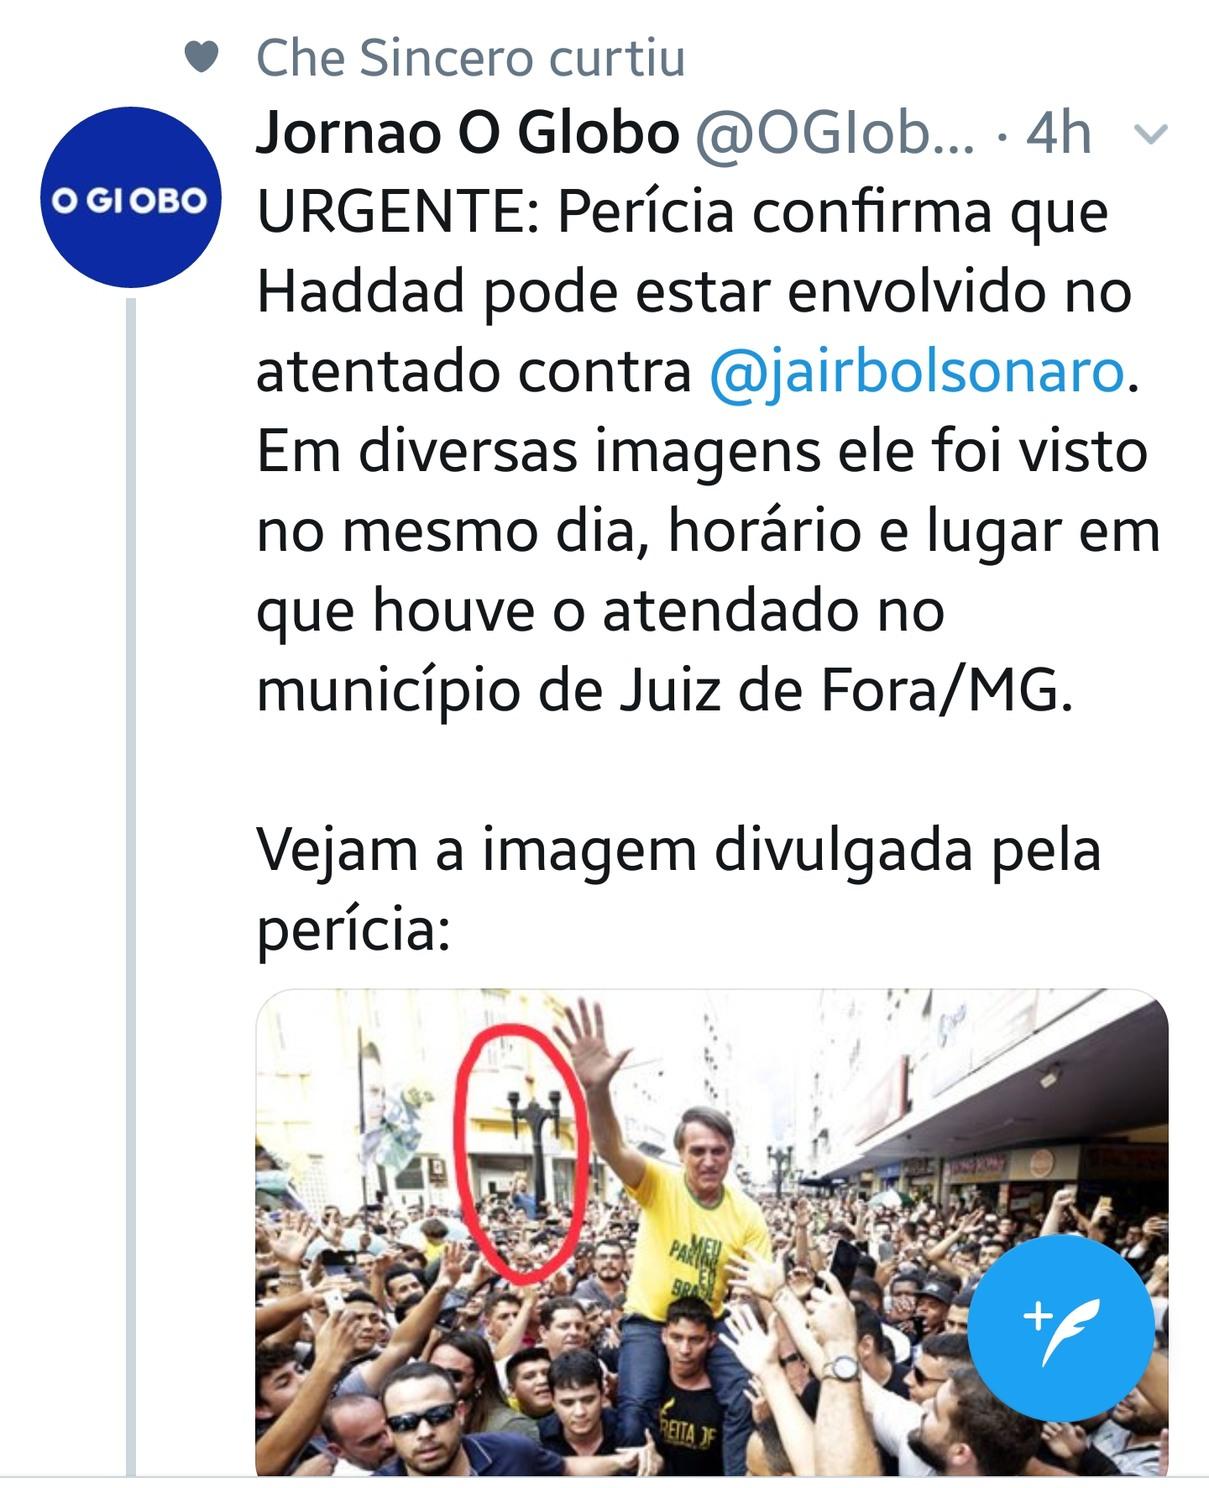 Agr o Andrade se fodeu - meme